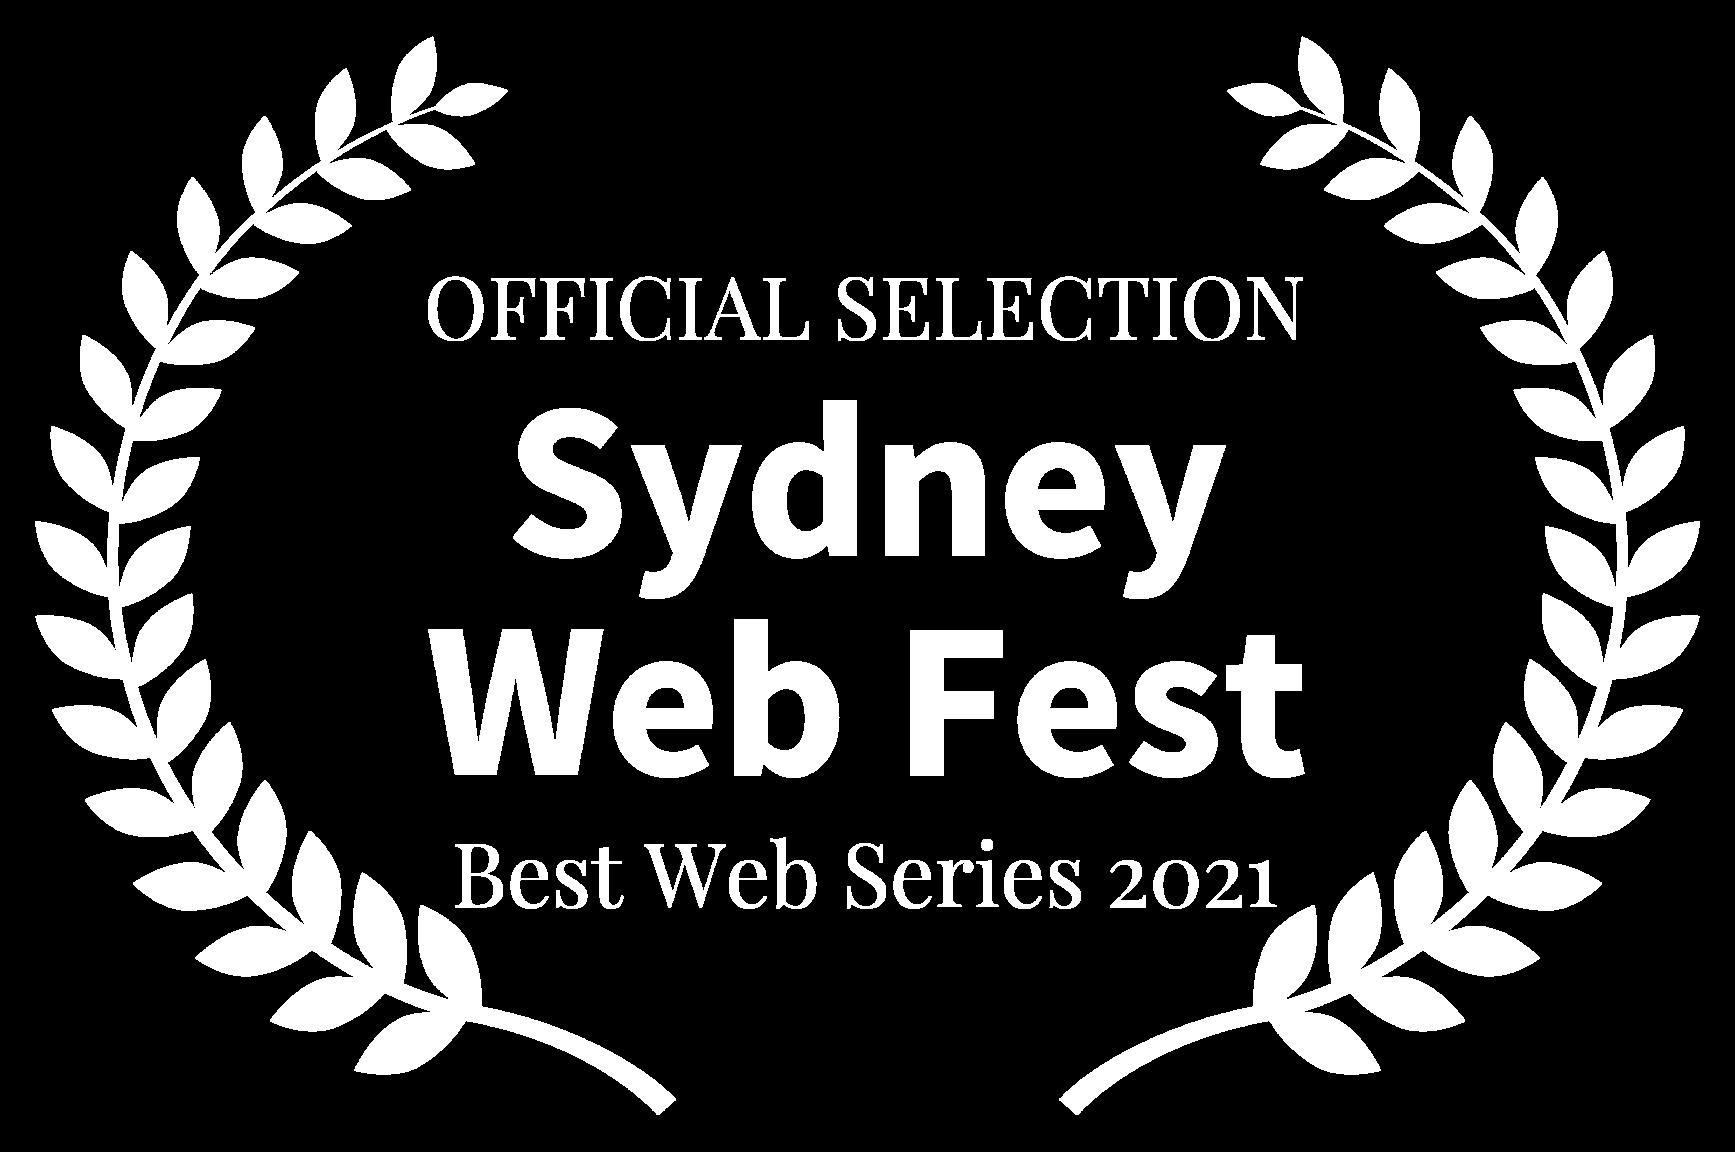 OFFICIAL SELECTION - Sydney Web Fest - Best Web Series 2021